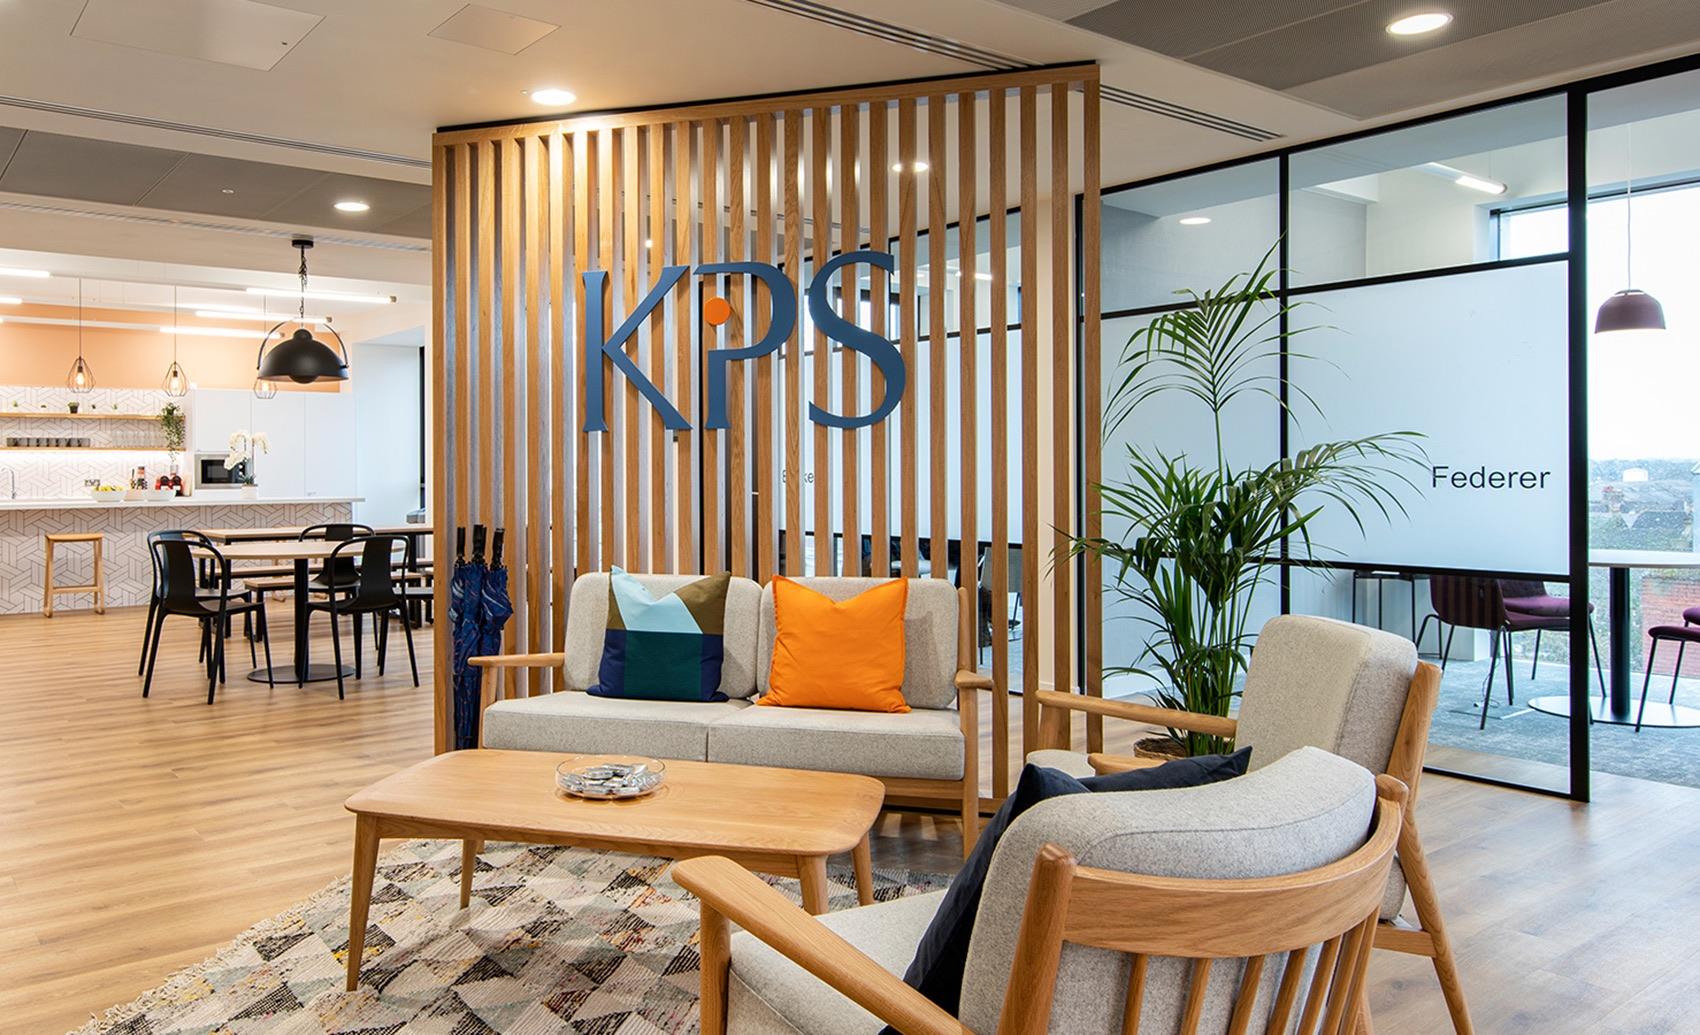 A Look Inside KPS Media's New London Office